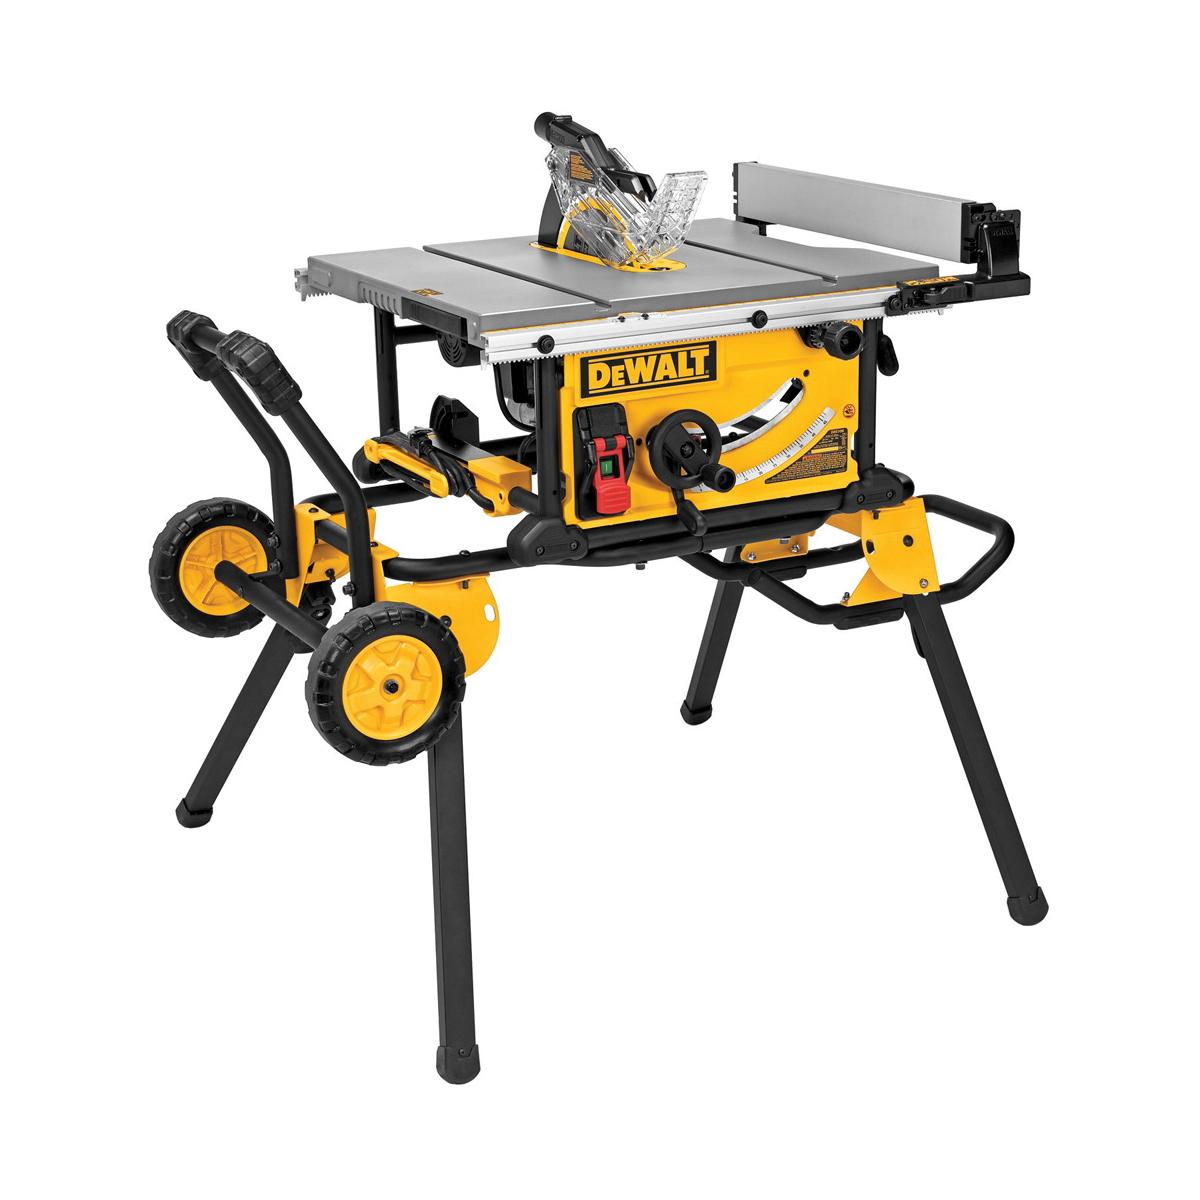 DeWALT® DWE7491RS Jobsite Table Saw, 10 in Dia Blade, 5/8 in Arbor/Shank, 3-1/8 in 90 deg Capacity, 2 hp, Tool Only